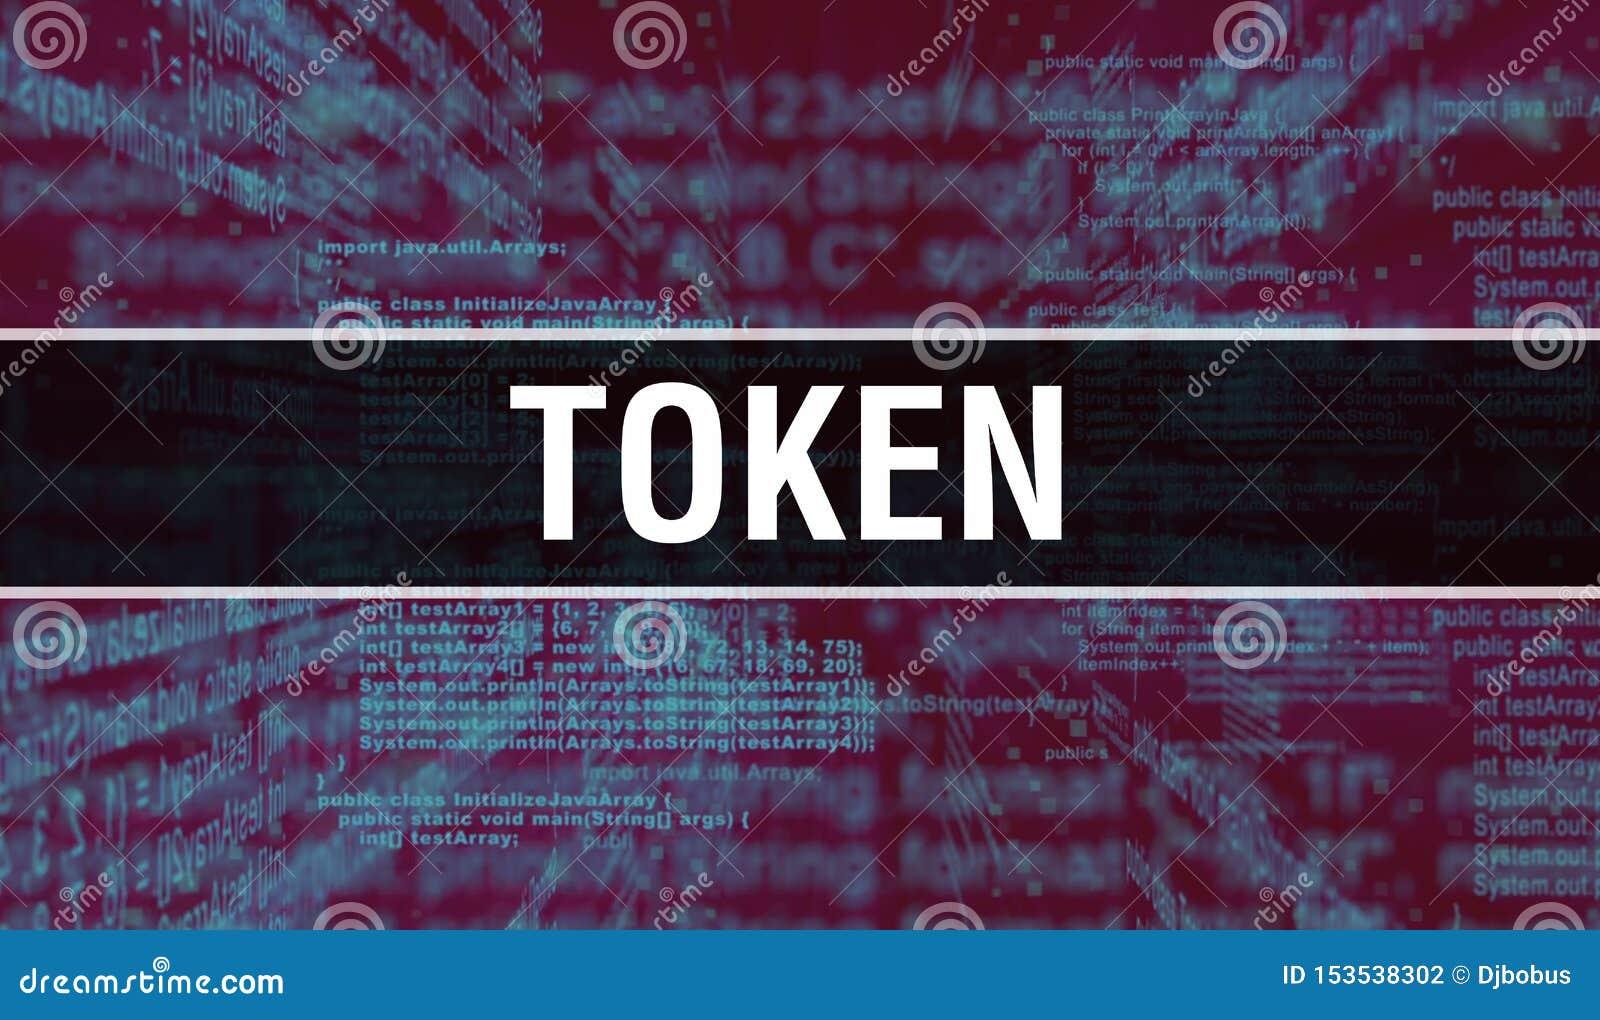 token program)